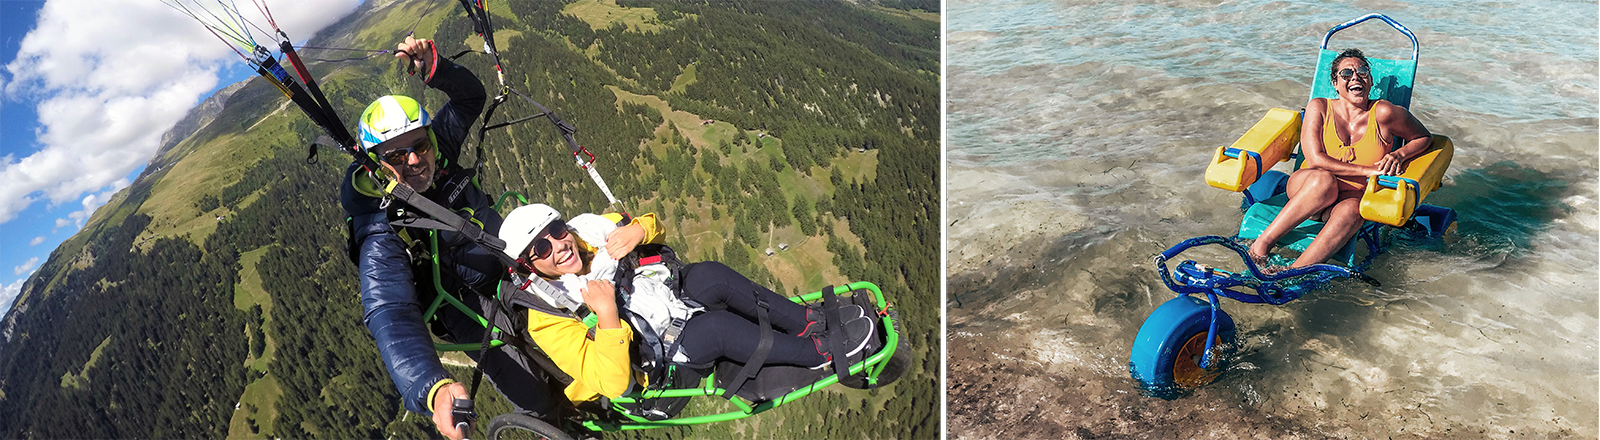 Kim Lumelius beim Drachenfliegen und mit einem Rollstuhl im Meer badend.